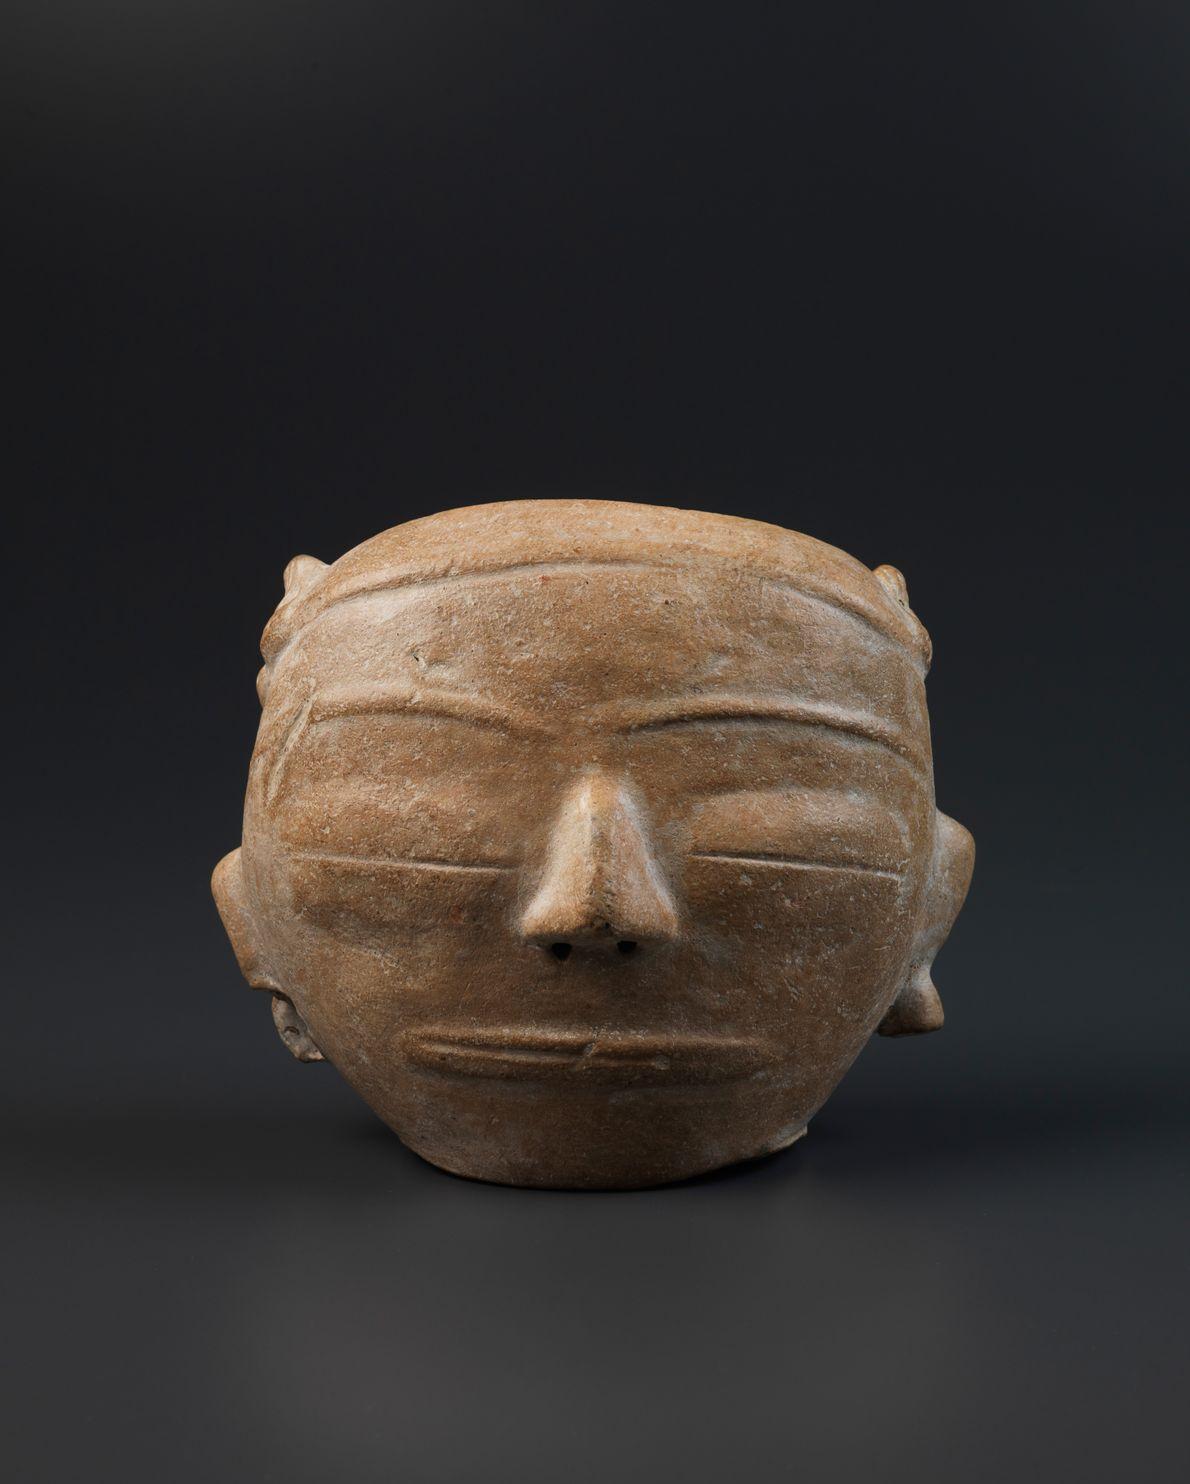 Cerâmica da cultura tapajônica